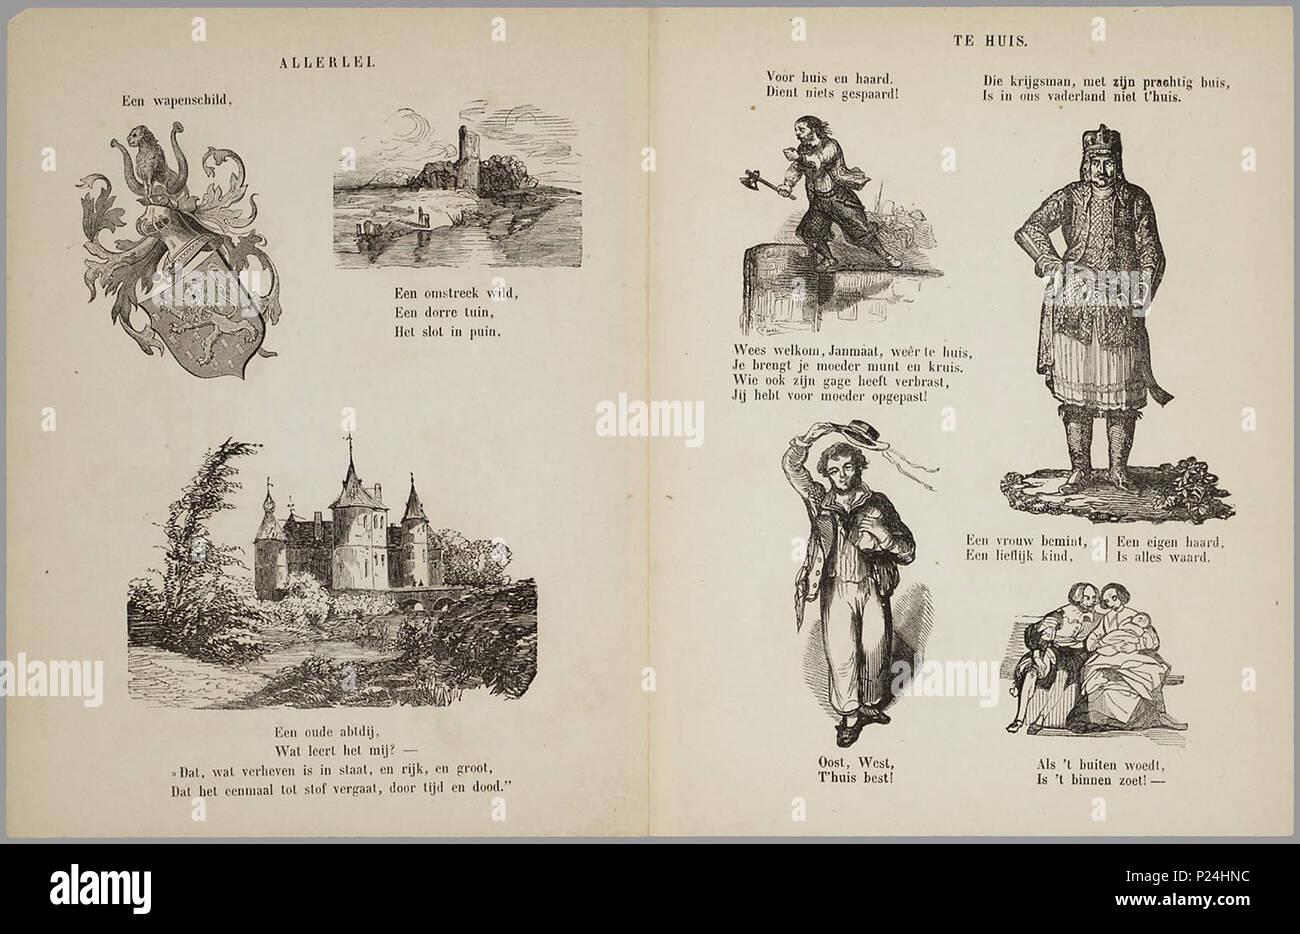 https://c8.alamy.com/comp/P24HNC/sythoffs-prentenboek-de-boekenkast-verzameling-afbeeldingen-soms-per-twee-door-middel-van-rijmende-tekst-aan-elkaar-gepraat-meestal-met-weinig-samenhang-op-dun-papier-gedrukt-vermoedelijk-is-dit-een-overdruk-uit-een-tijdschrift-onderwerpen-onder-andere-dieren-kooplui-verkeren-bier-drinken-vaarwel-preekstoel-en-graf-morgen-nacht-allerlei-thuis-achter-de-schermen-wonderen-liefde-en-wijn-ziekte-slavernij-in-de-oost-een-turk-pruiken-brandblusser-machines-bevat-ook-enkele-gedichten-aan-een-jongen-vriend-christus-lente-op-de-voorkant-een-sierrand-met-ornamenten-P24HNC.jpg